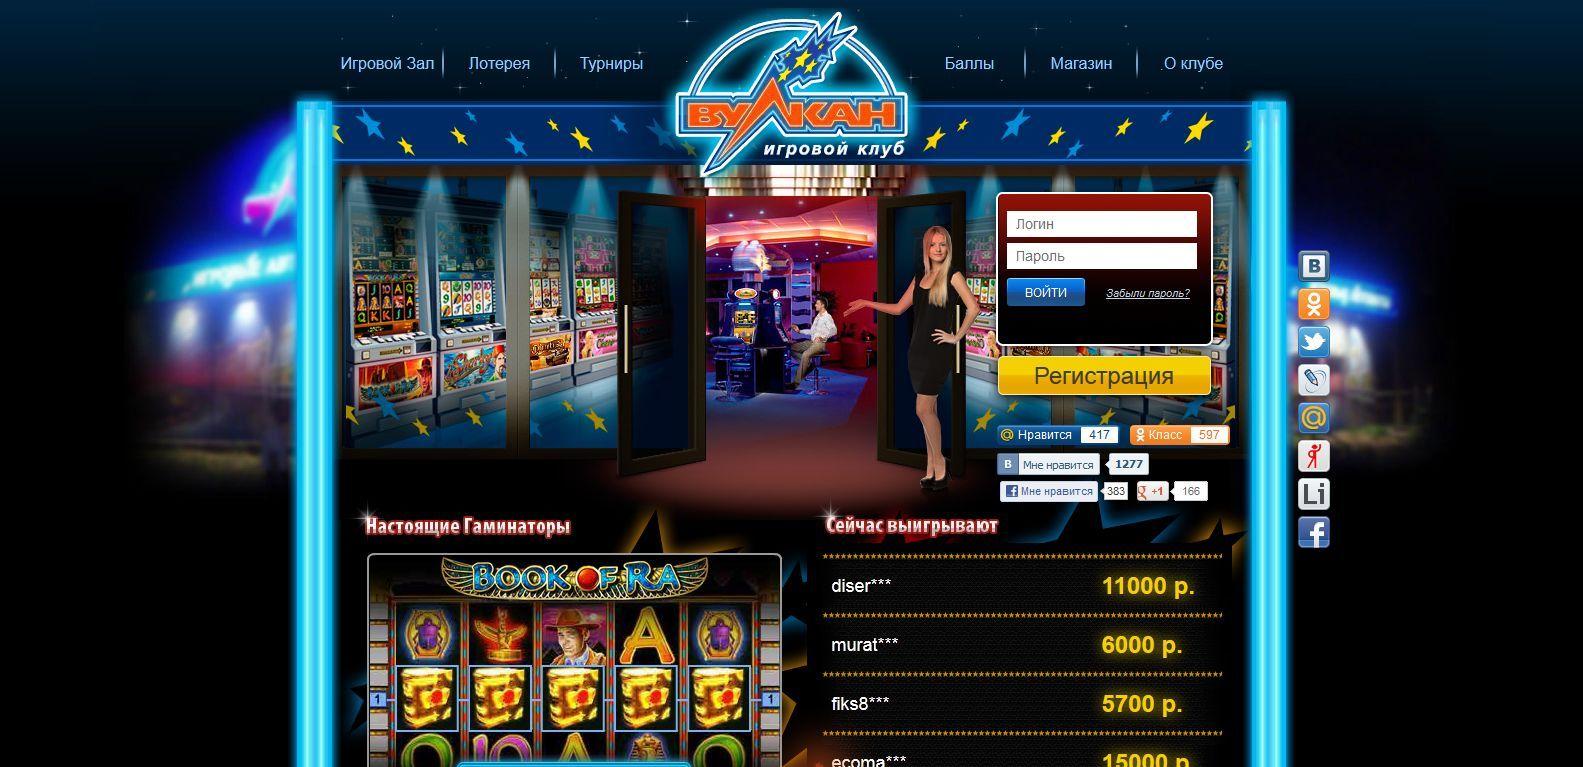 Игровые автоматы де люкс бесплатно